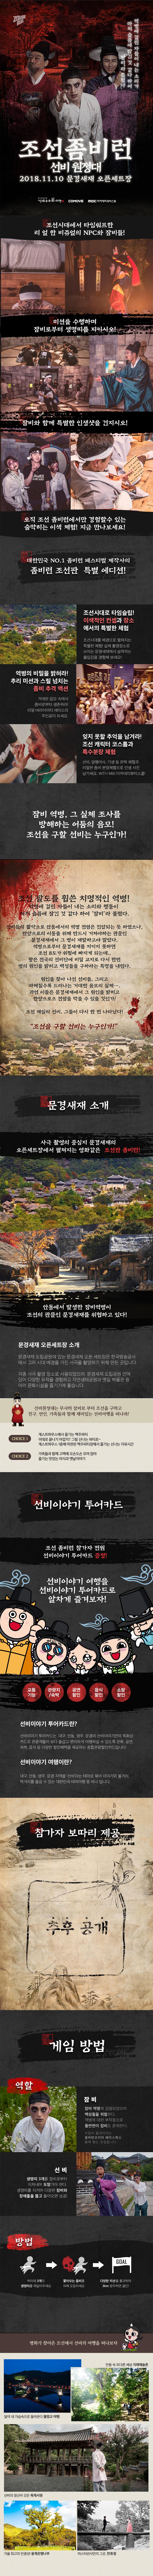 문경 선비원정대 조선좀비런